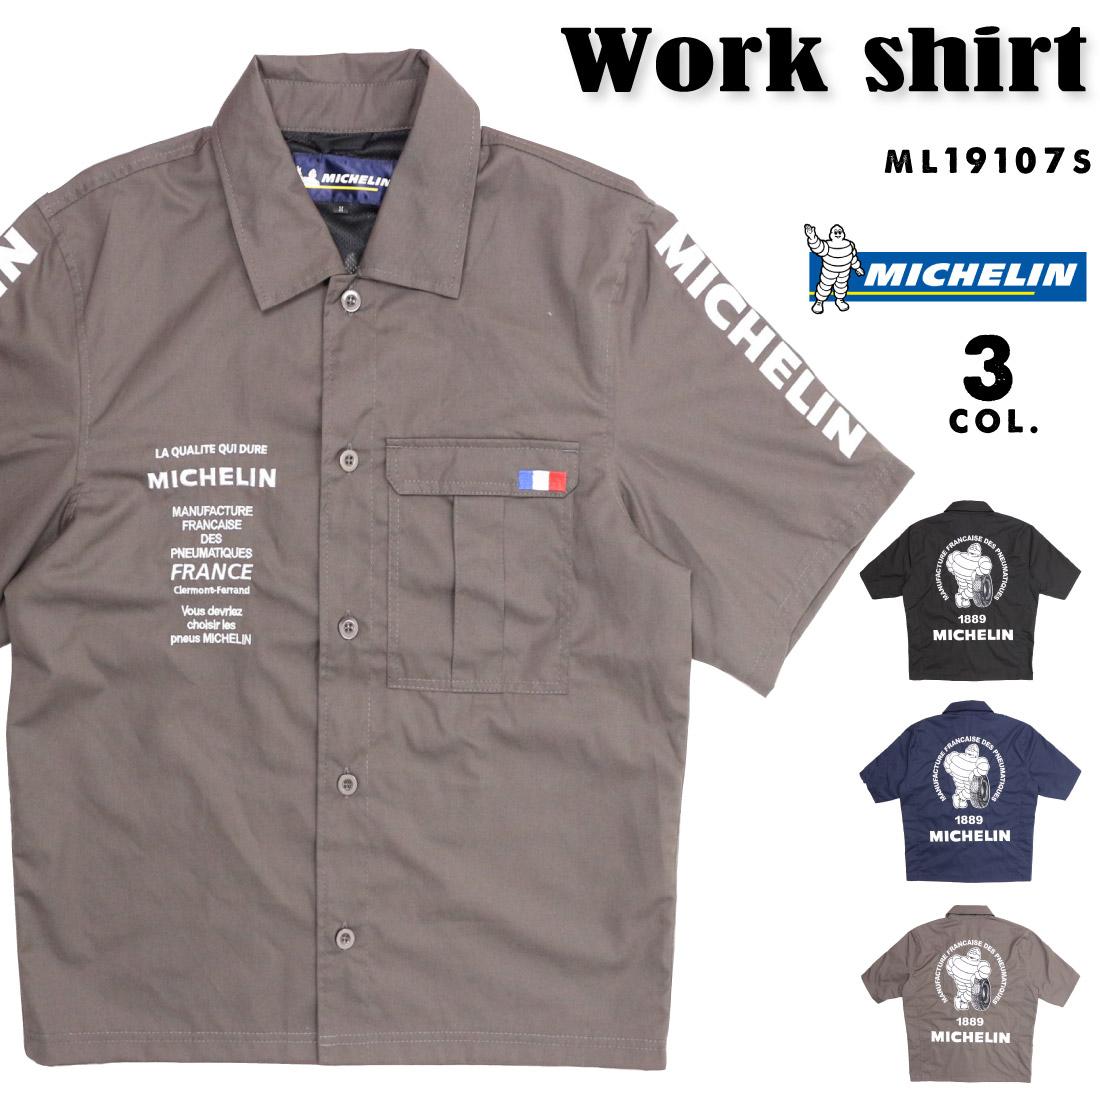 MICHELIN ミシュラン ML19107S ワークシャツ バイク ピットシャツ メンズファッション カジュアル おしゃれ 半袖 ビバンダム ミシュランマン M L XL